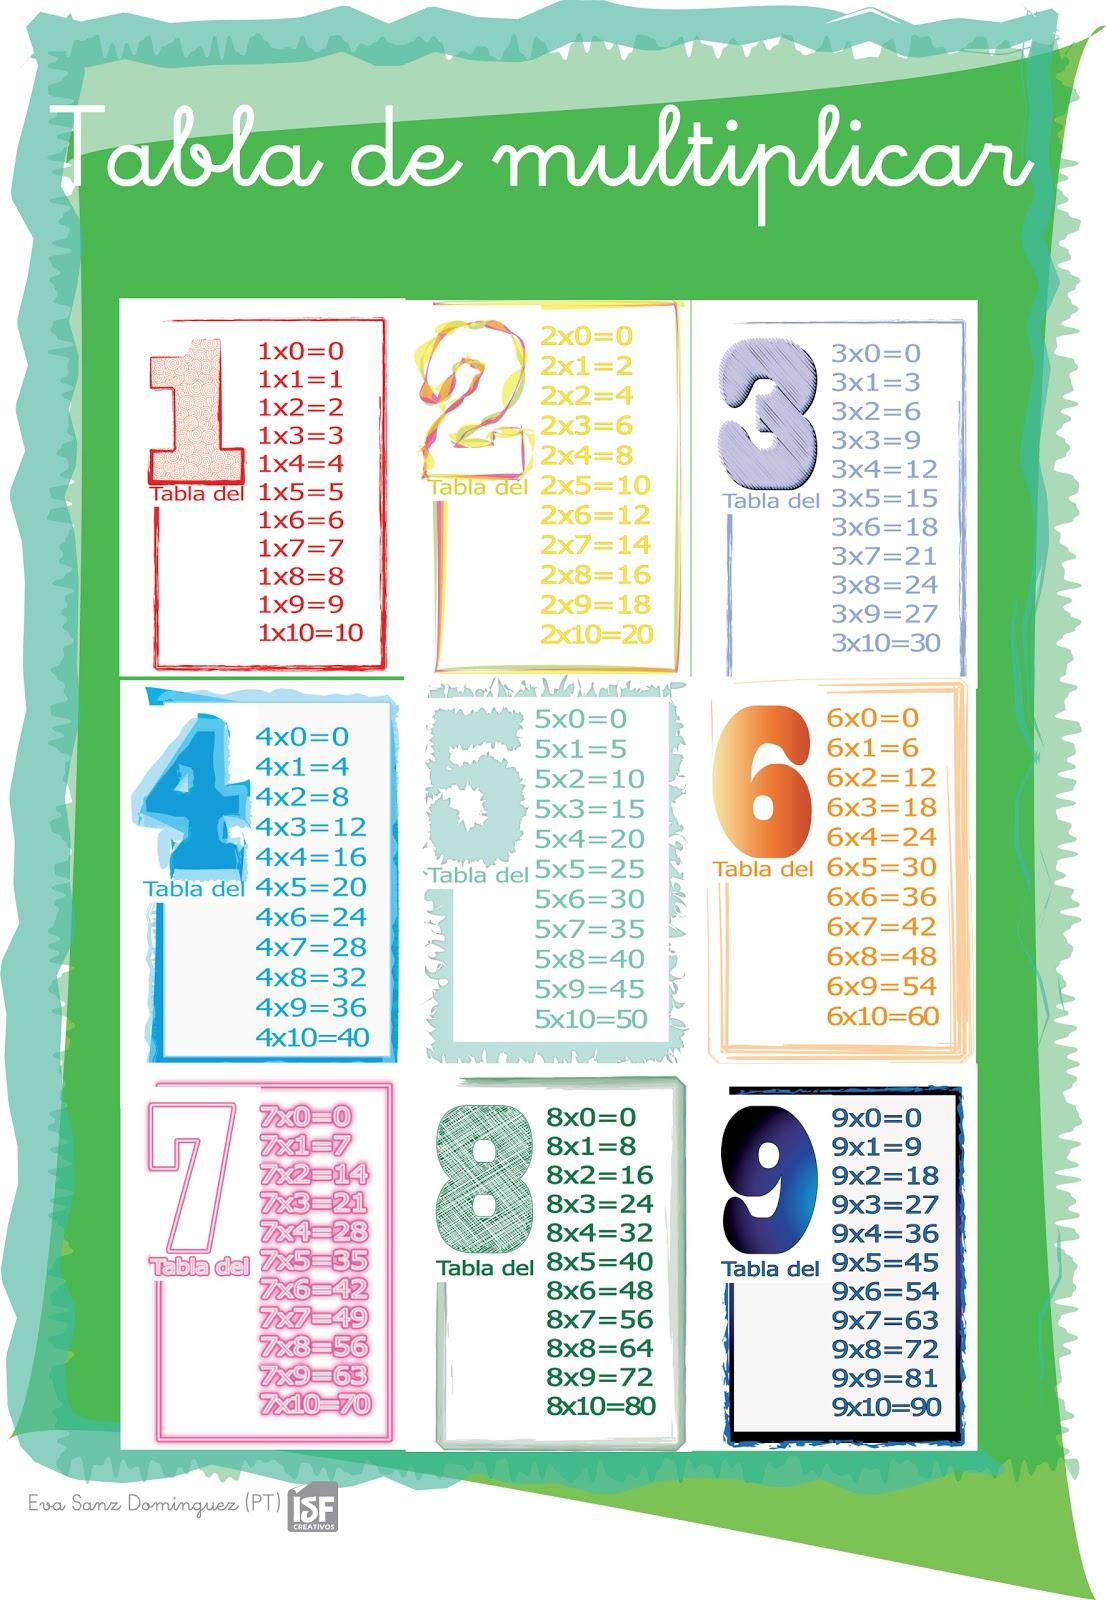 Una tabla multiplicar para imprimir vegamusical las tablas multiplicar